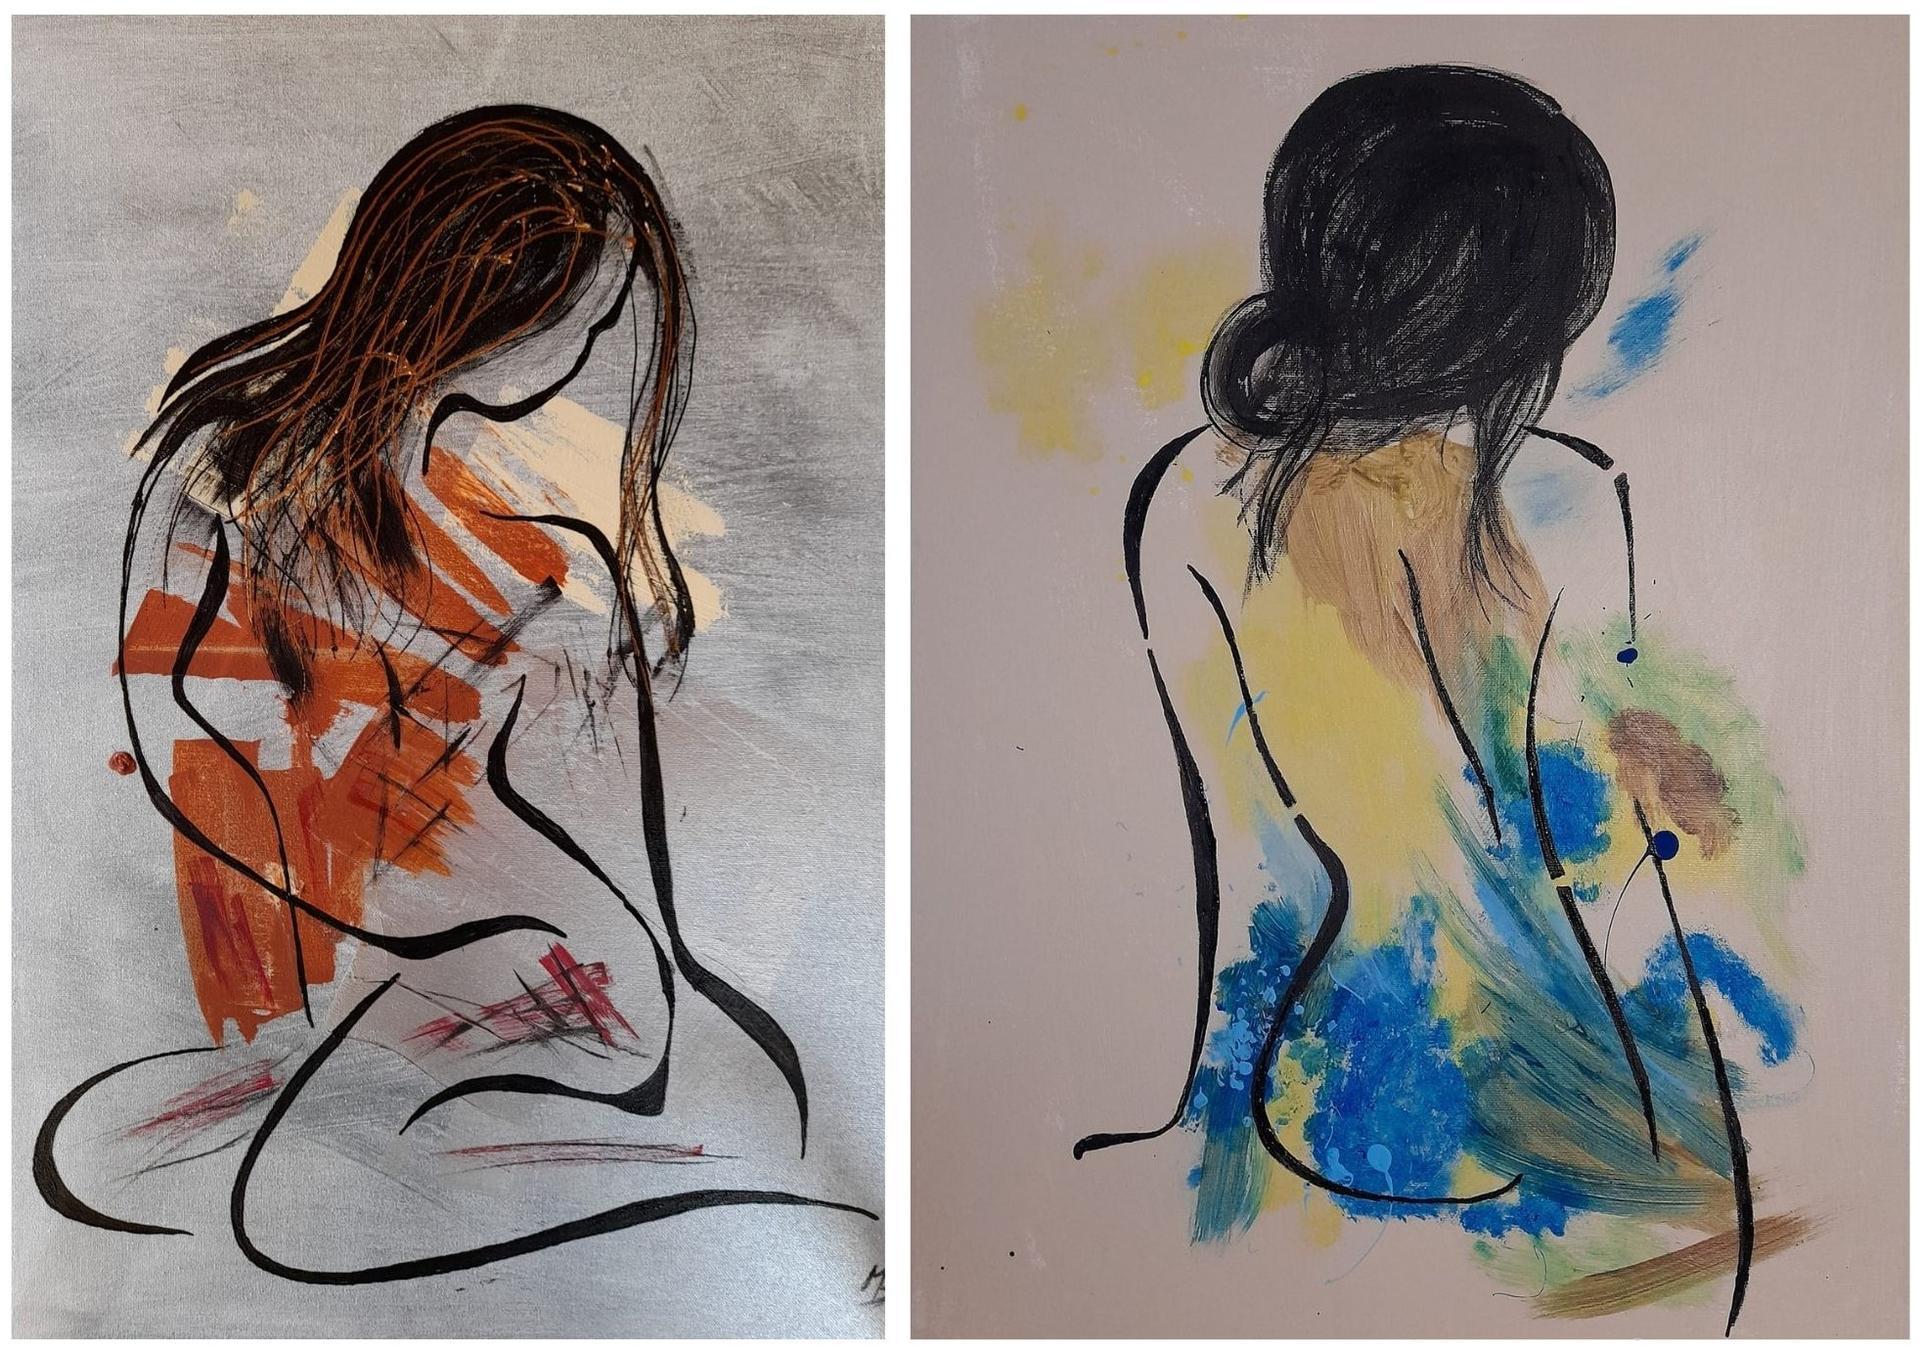 Redizajnujeme, maľujeme, tvoríme - tvorba pani Blanky, ktorá použila naše šablóny. Krásna práca a hlavne originálna!